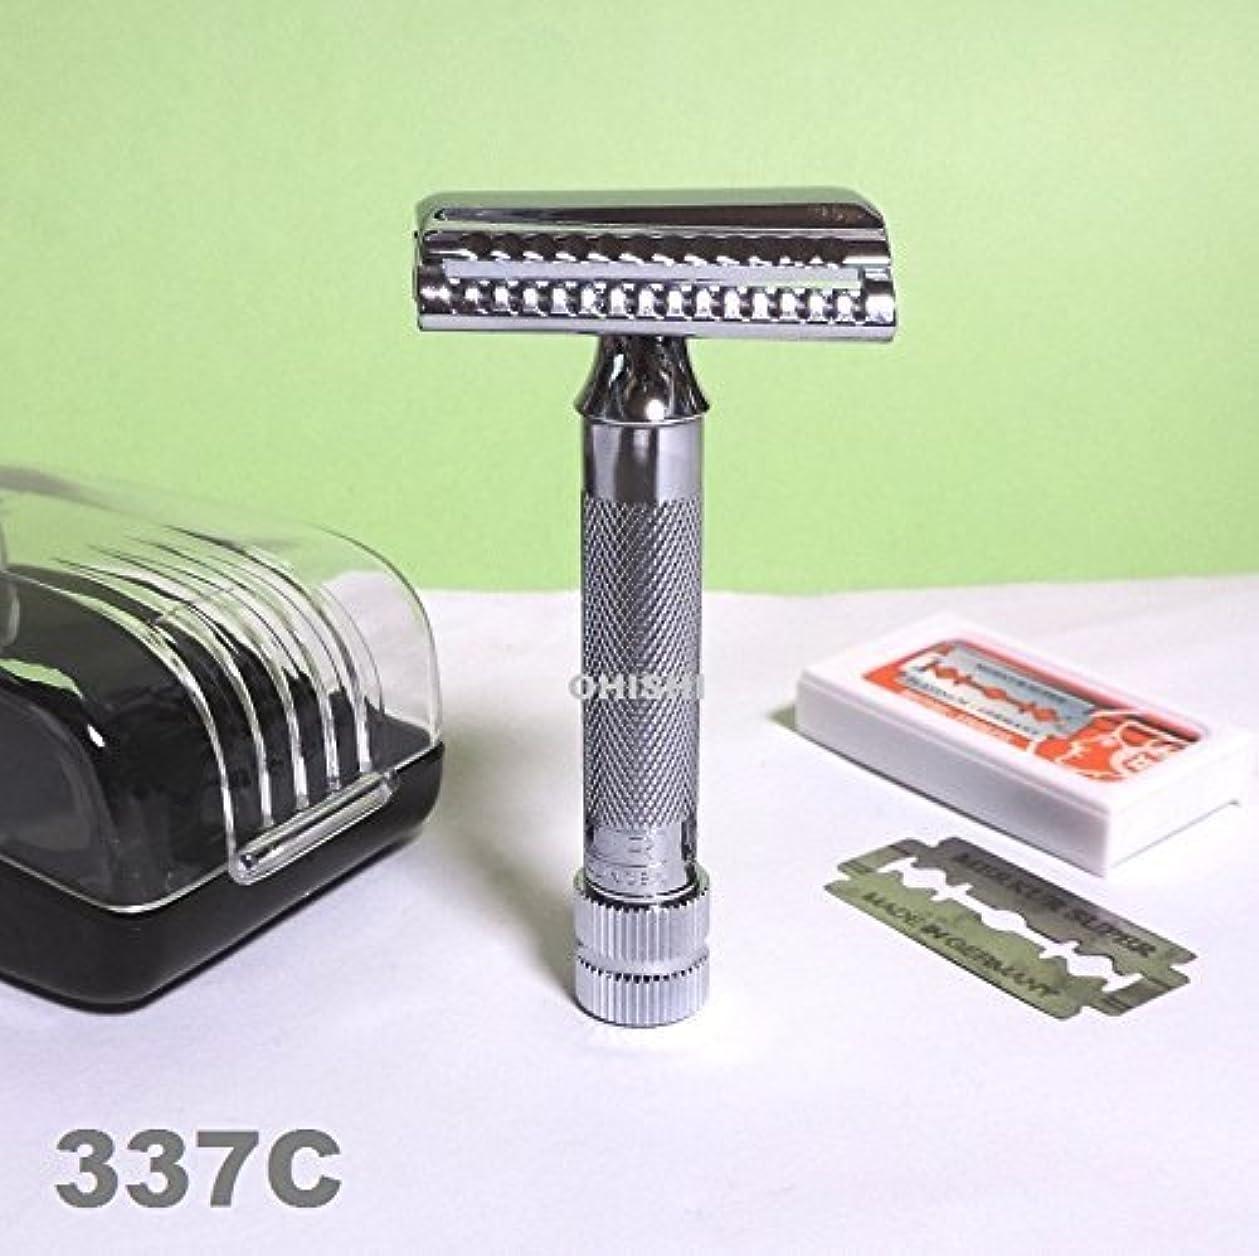 そばに未払いリビングルームメルクールMERKUR(独)髭剃り(ひげそり)両刃ホルダー ツイストヘッド337C (替刃11枚付)プラケース入